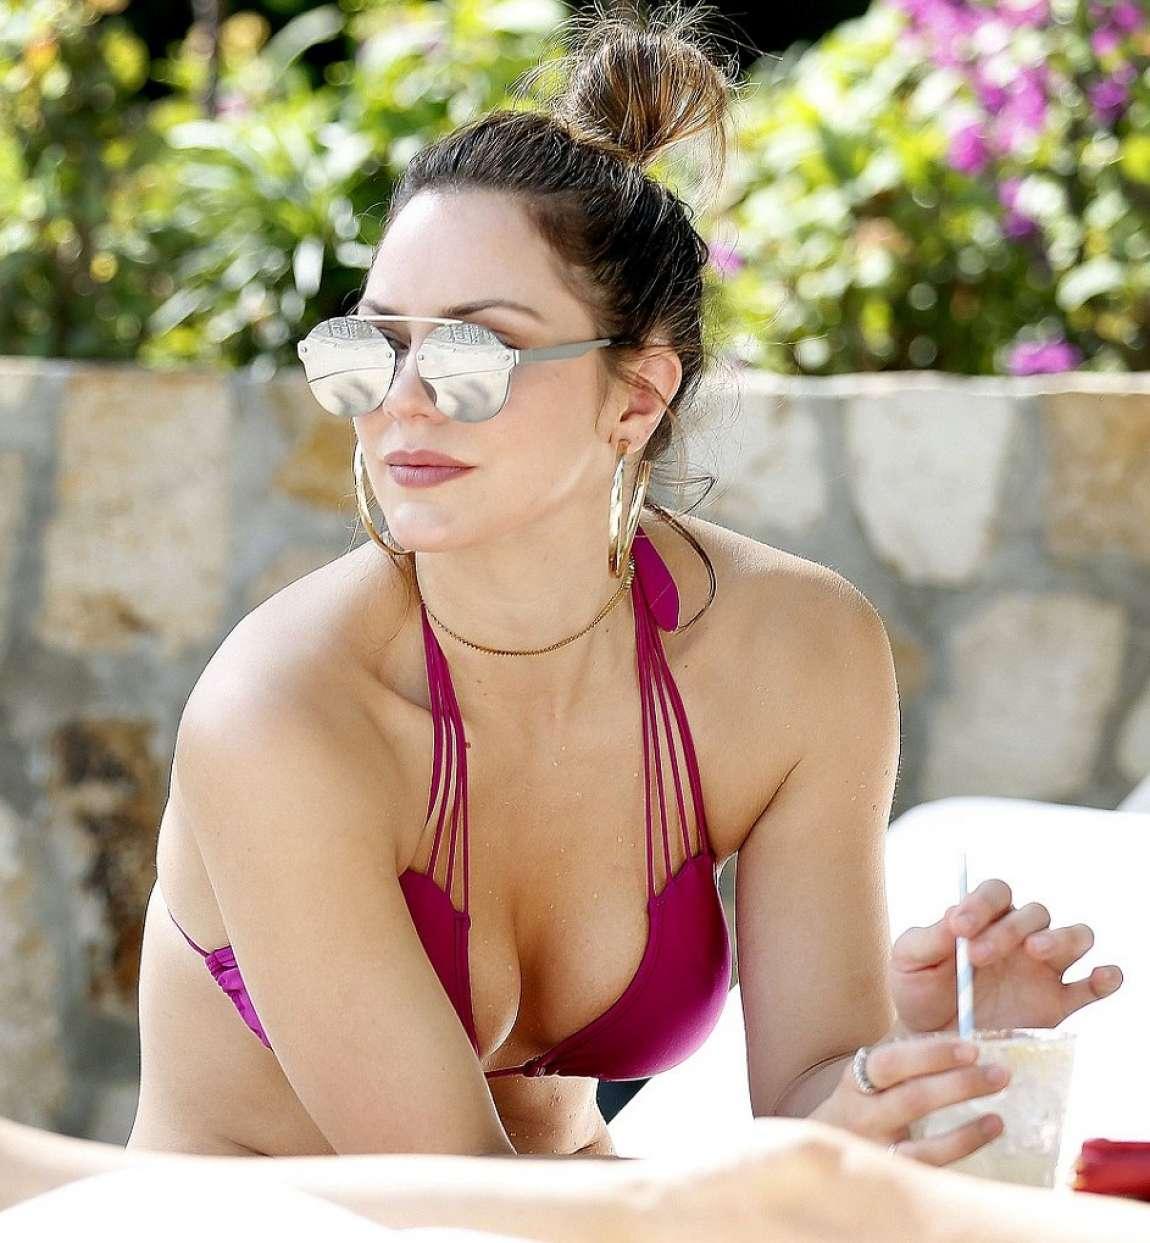 Lindsay lohan purple bikini